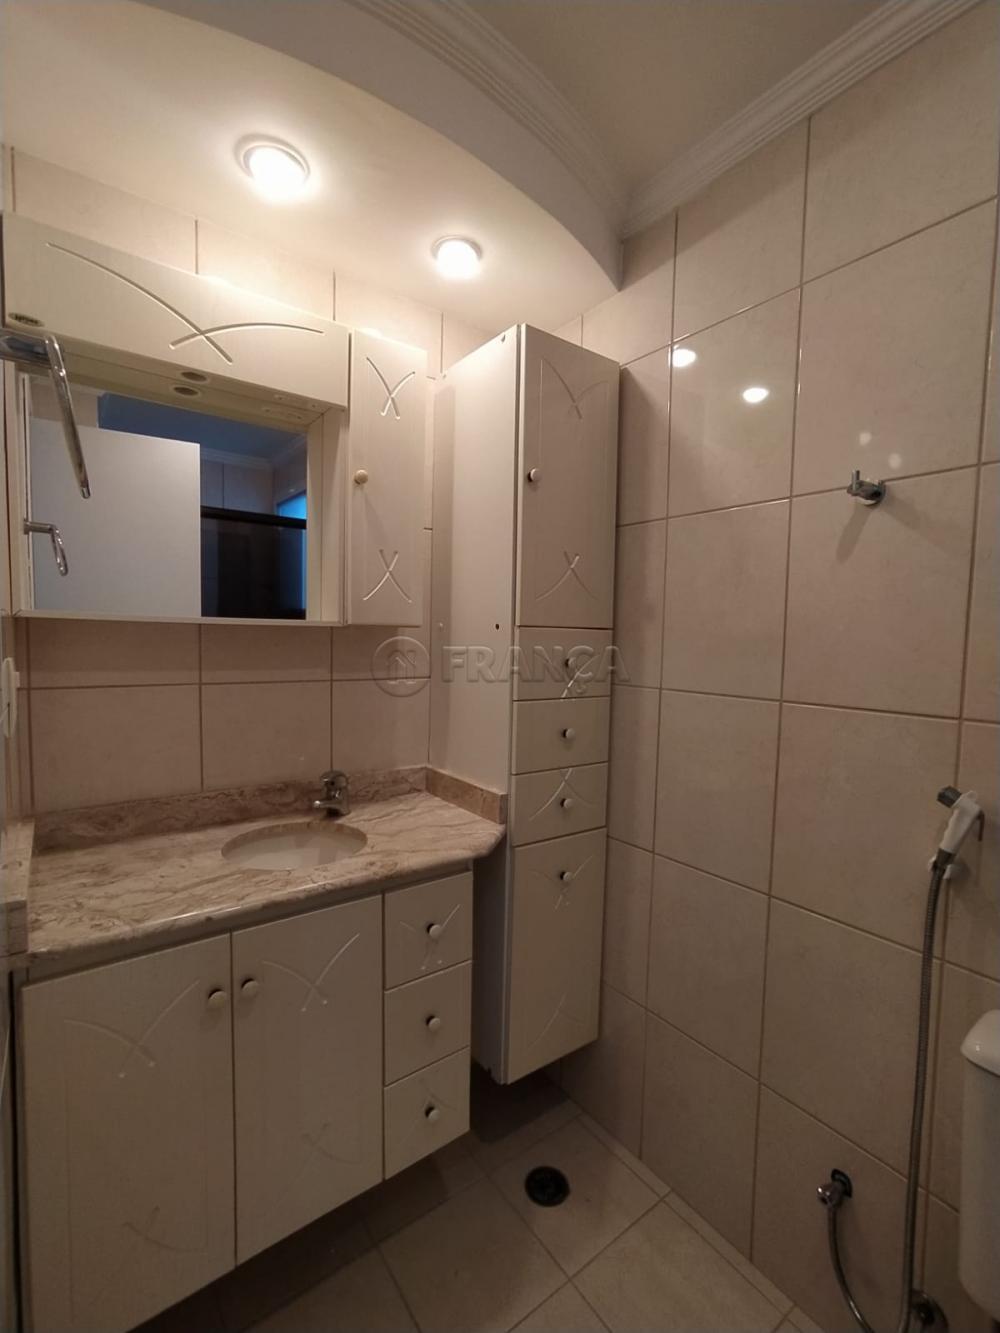 Alugar Apartamento / Padrão em Jacareí R$ 1.500,00 - Foto 12